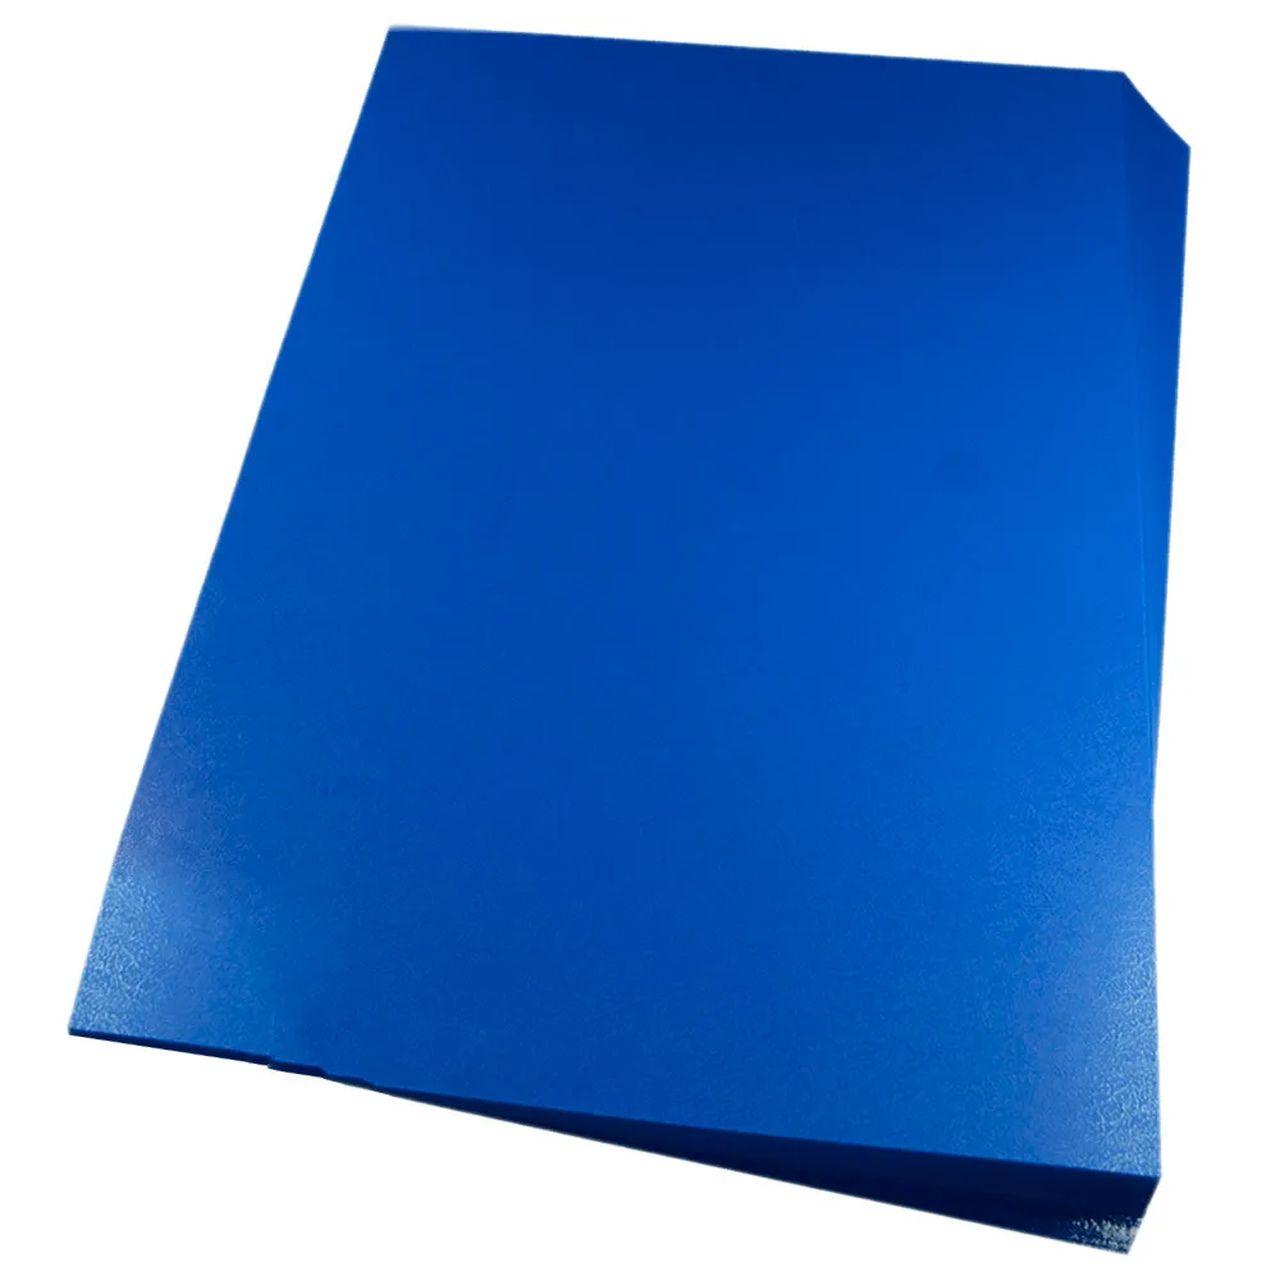 Capa para encadernação Ofício Azul PP Couro 0,30mm 100un